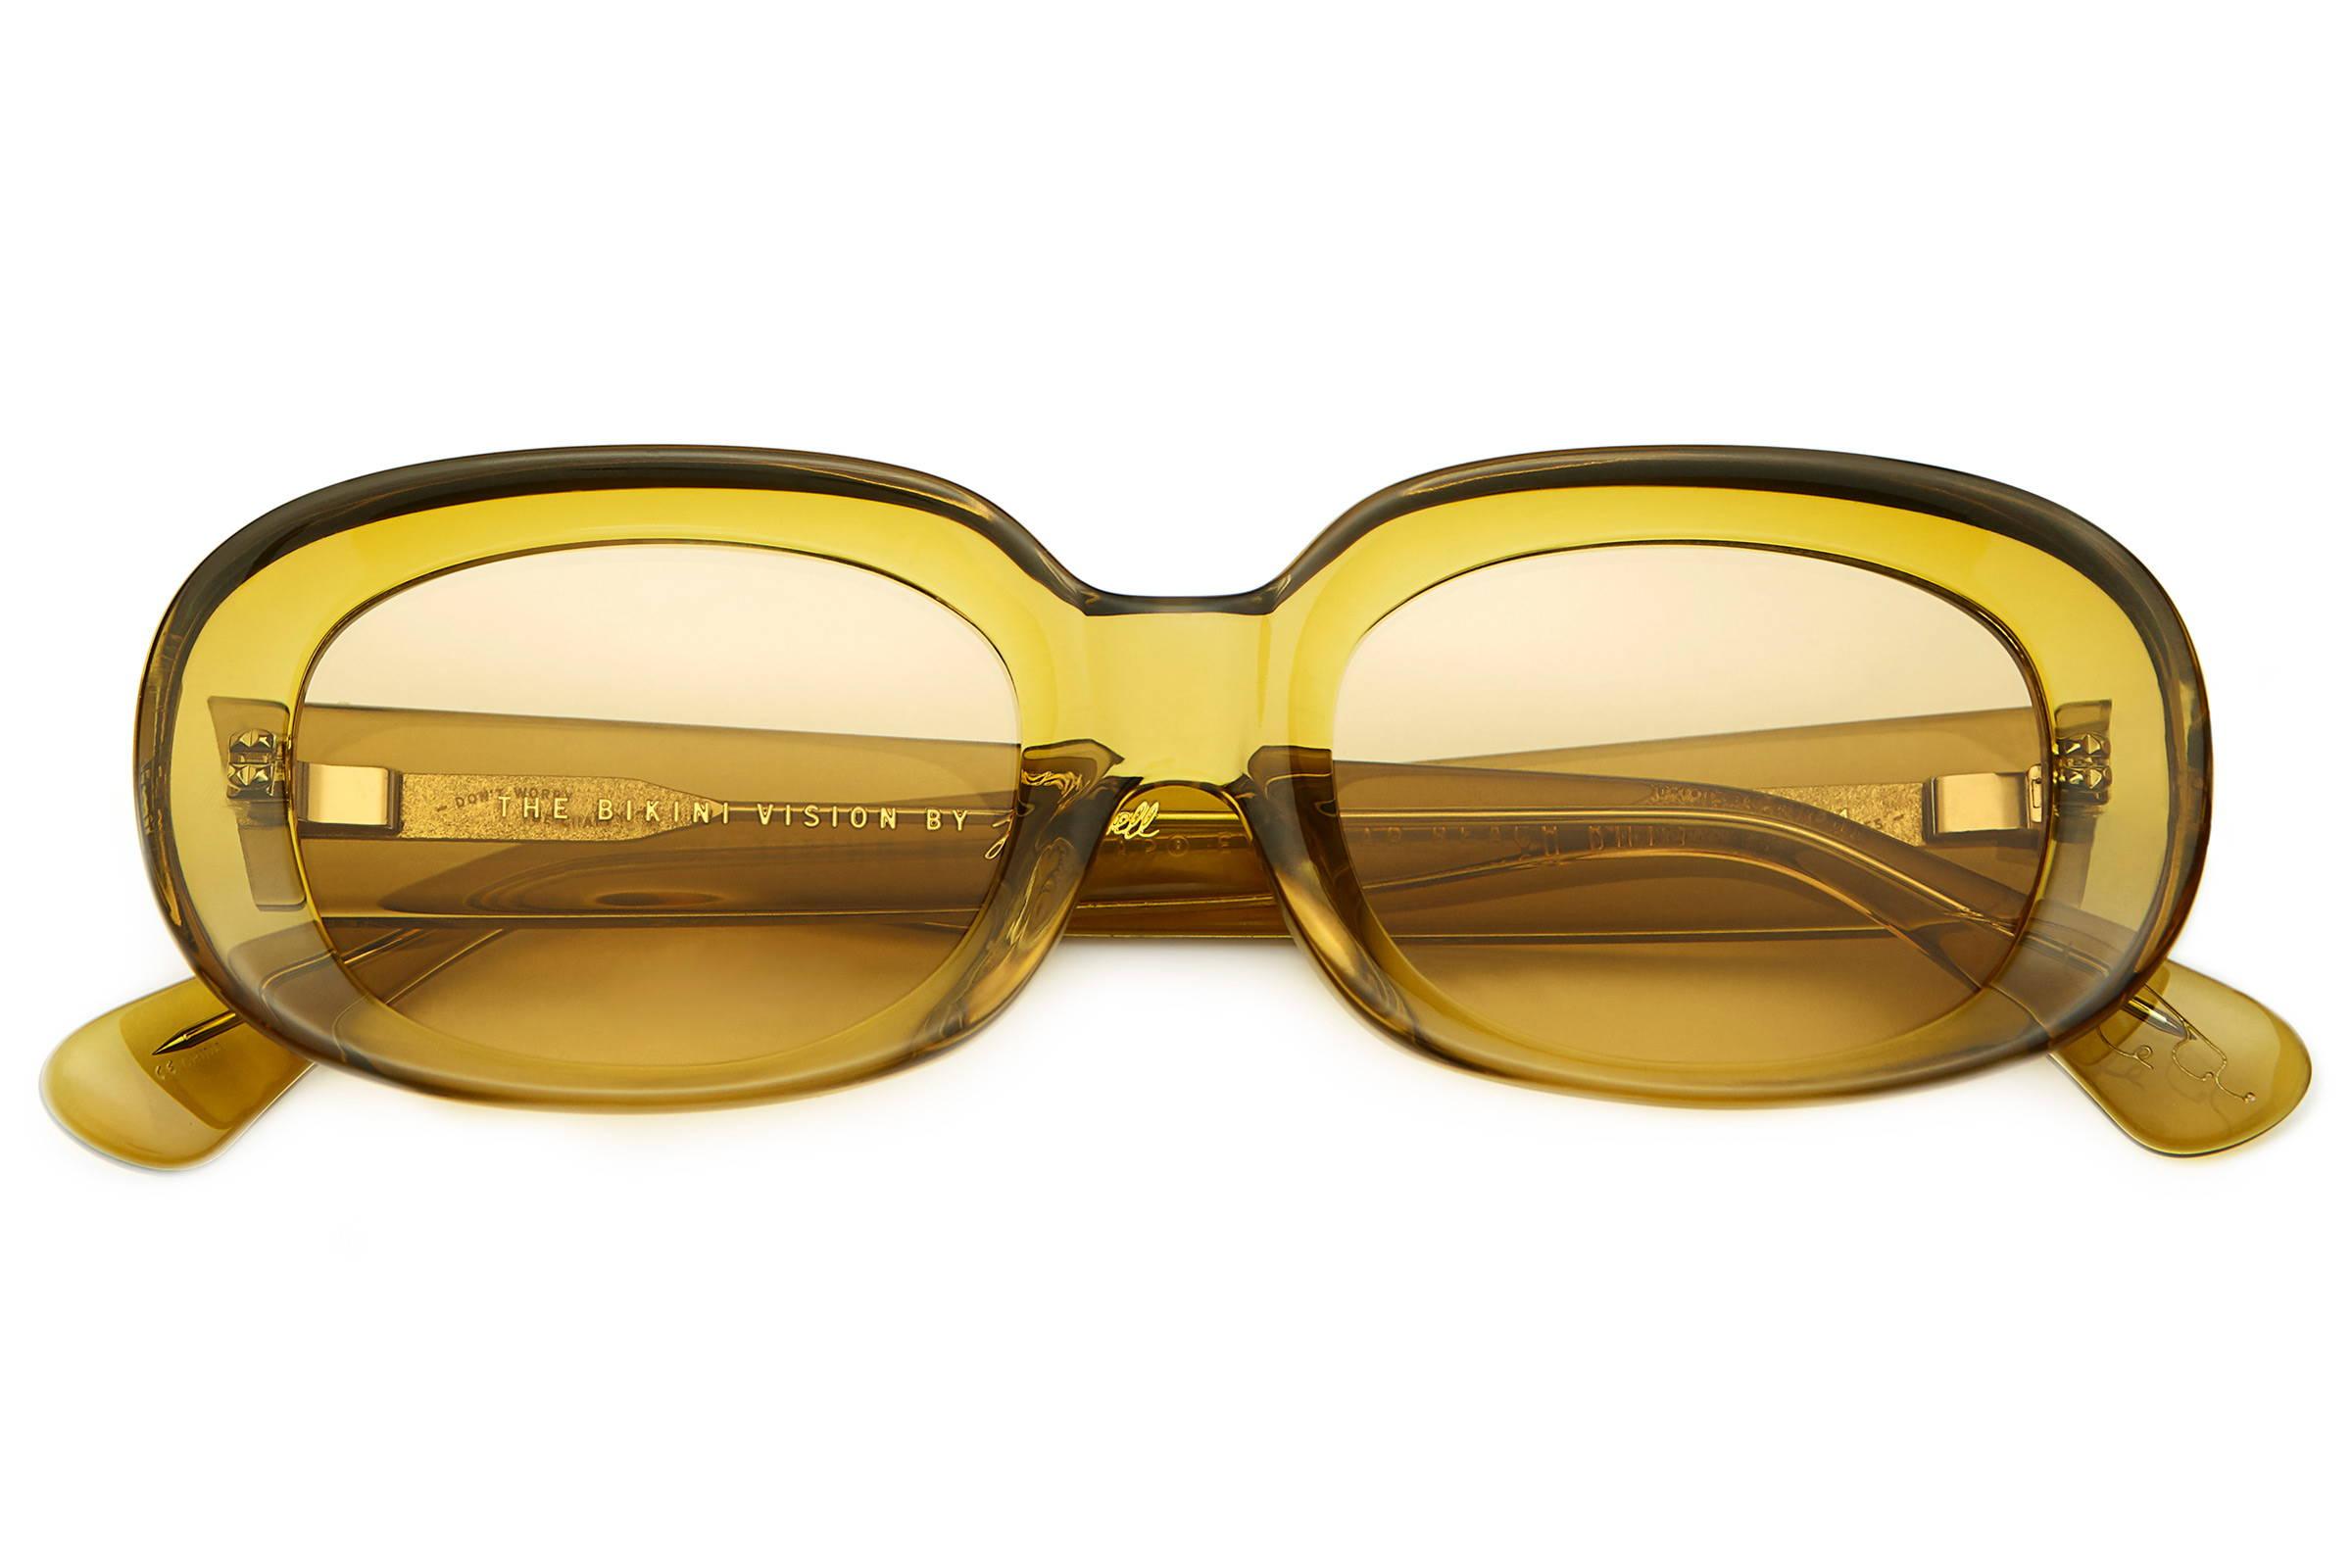 The Bikini Vision Crystal Kelp